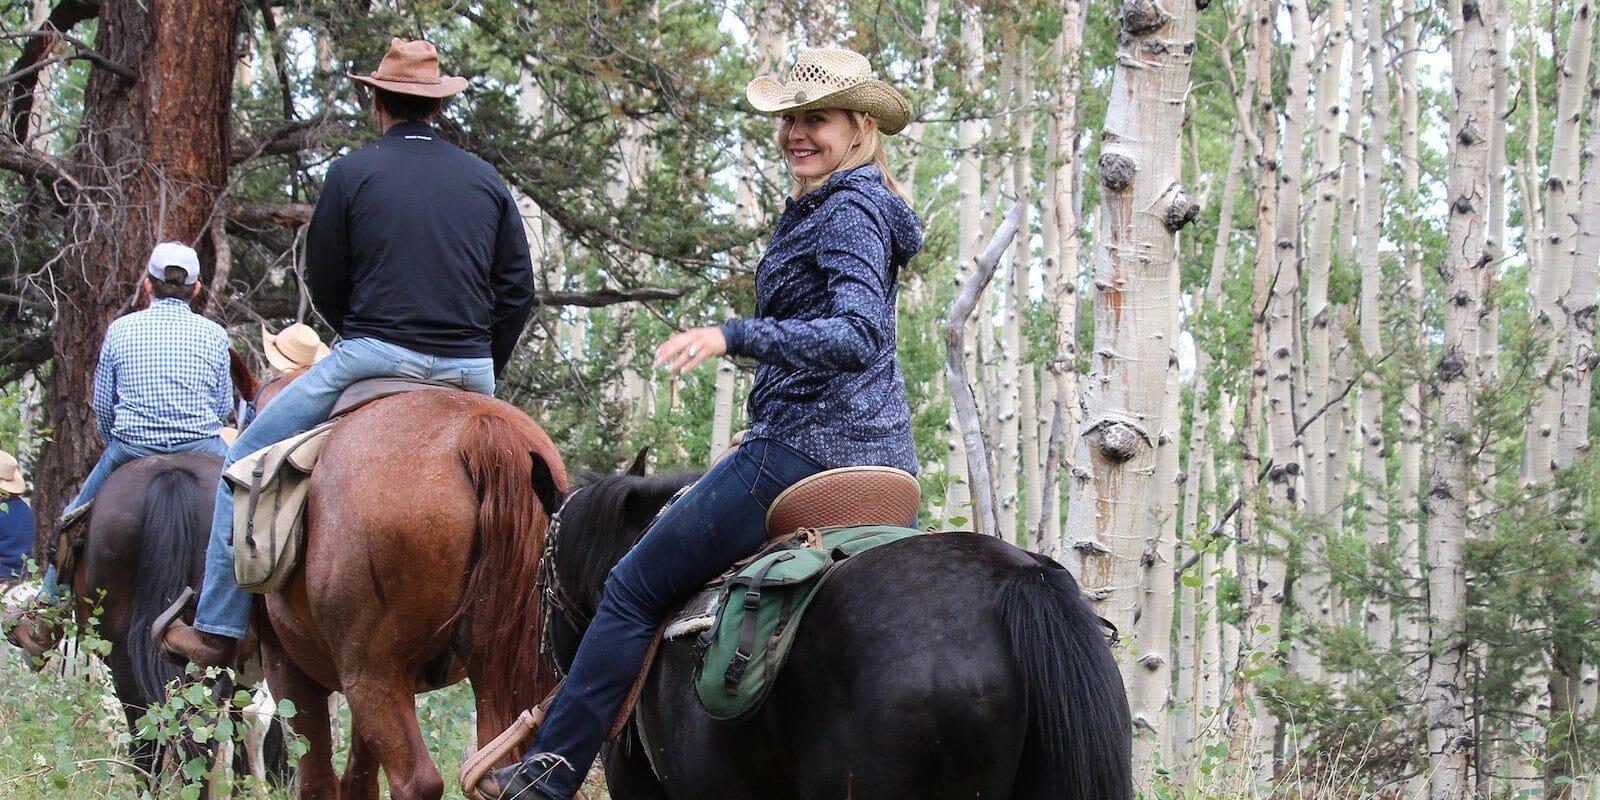 Image of people horseback riding at Elk Mountain Dude Ranch in Buena Vista, Colorado